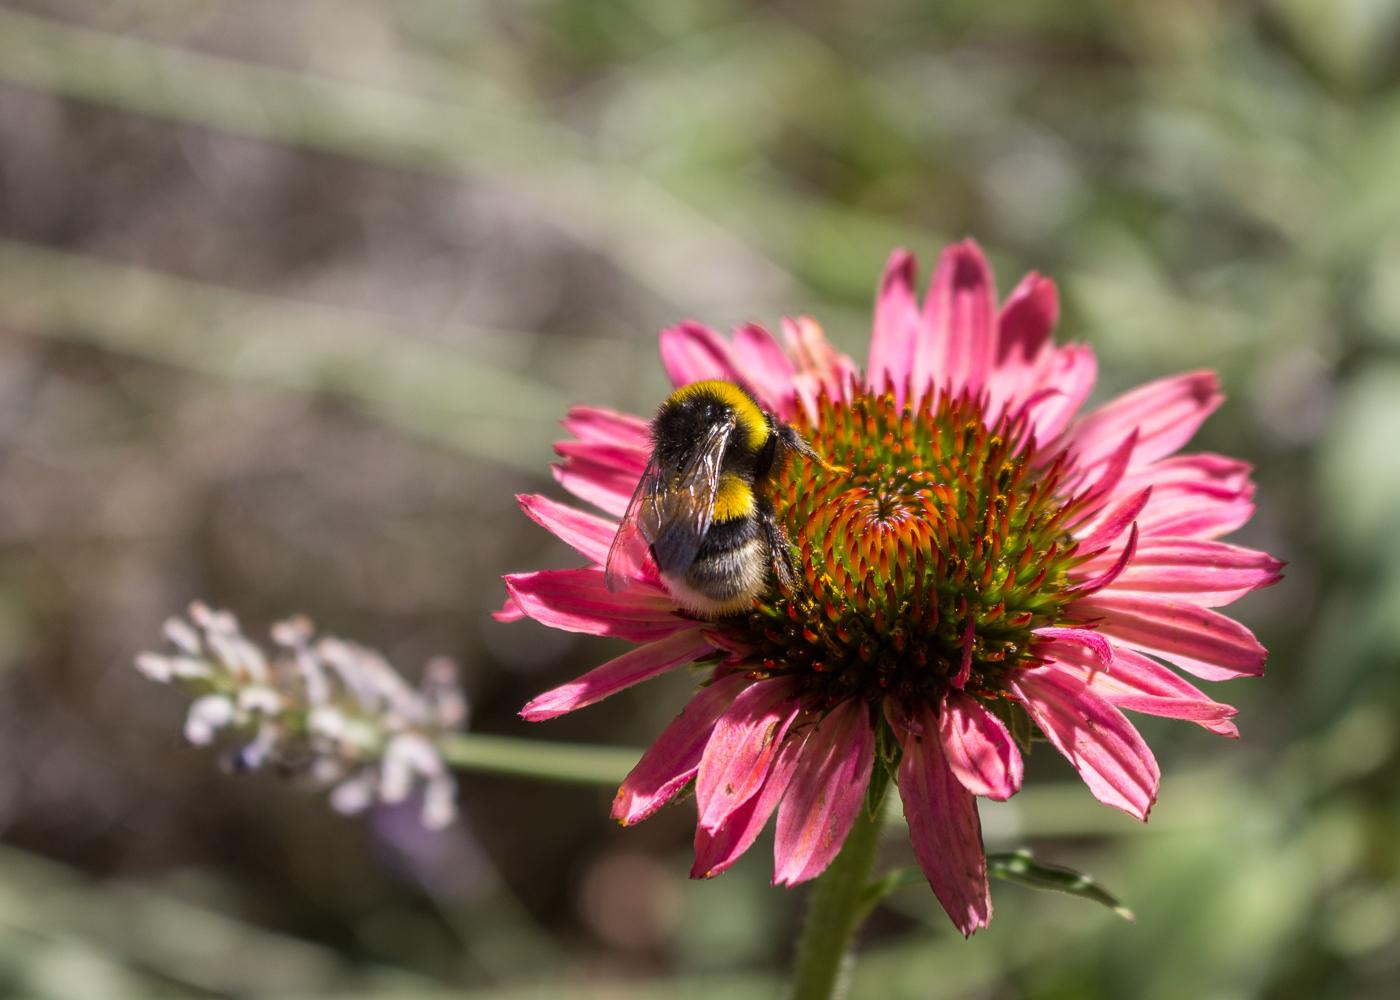 La bellezza dell'estate - Le api e un'echinacea in fiore - Lily&Sage Design